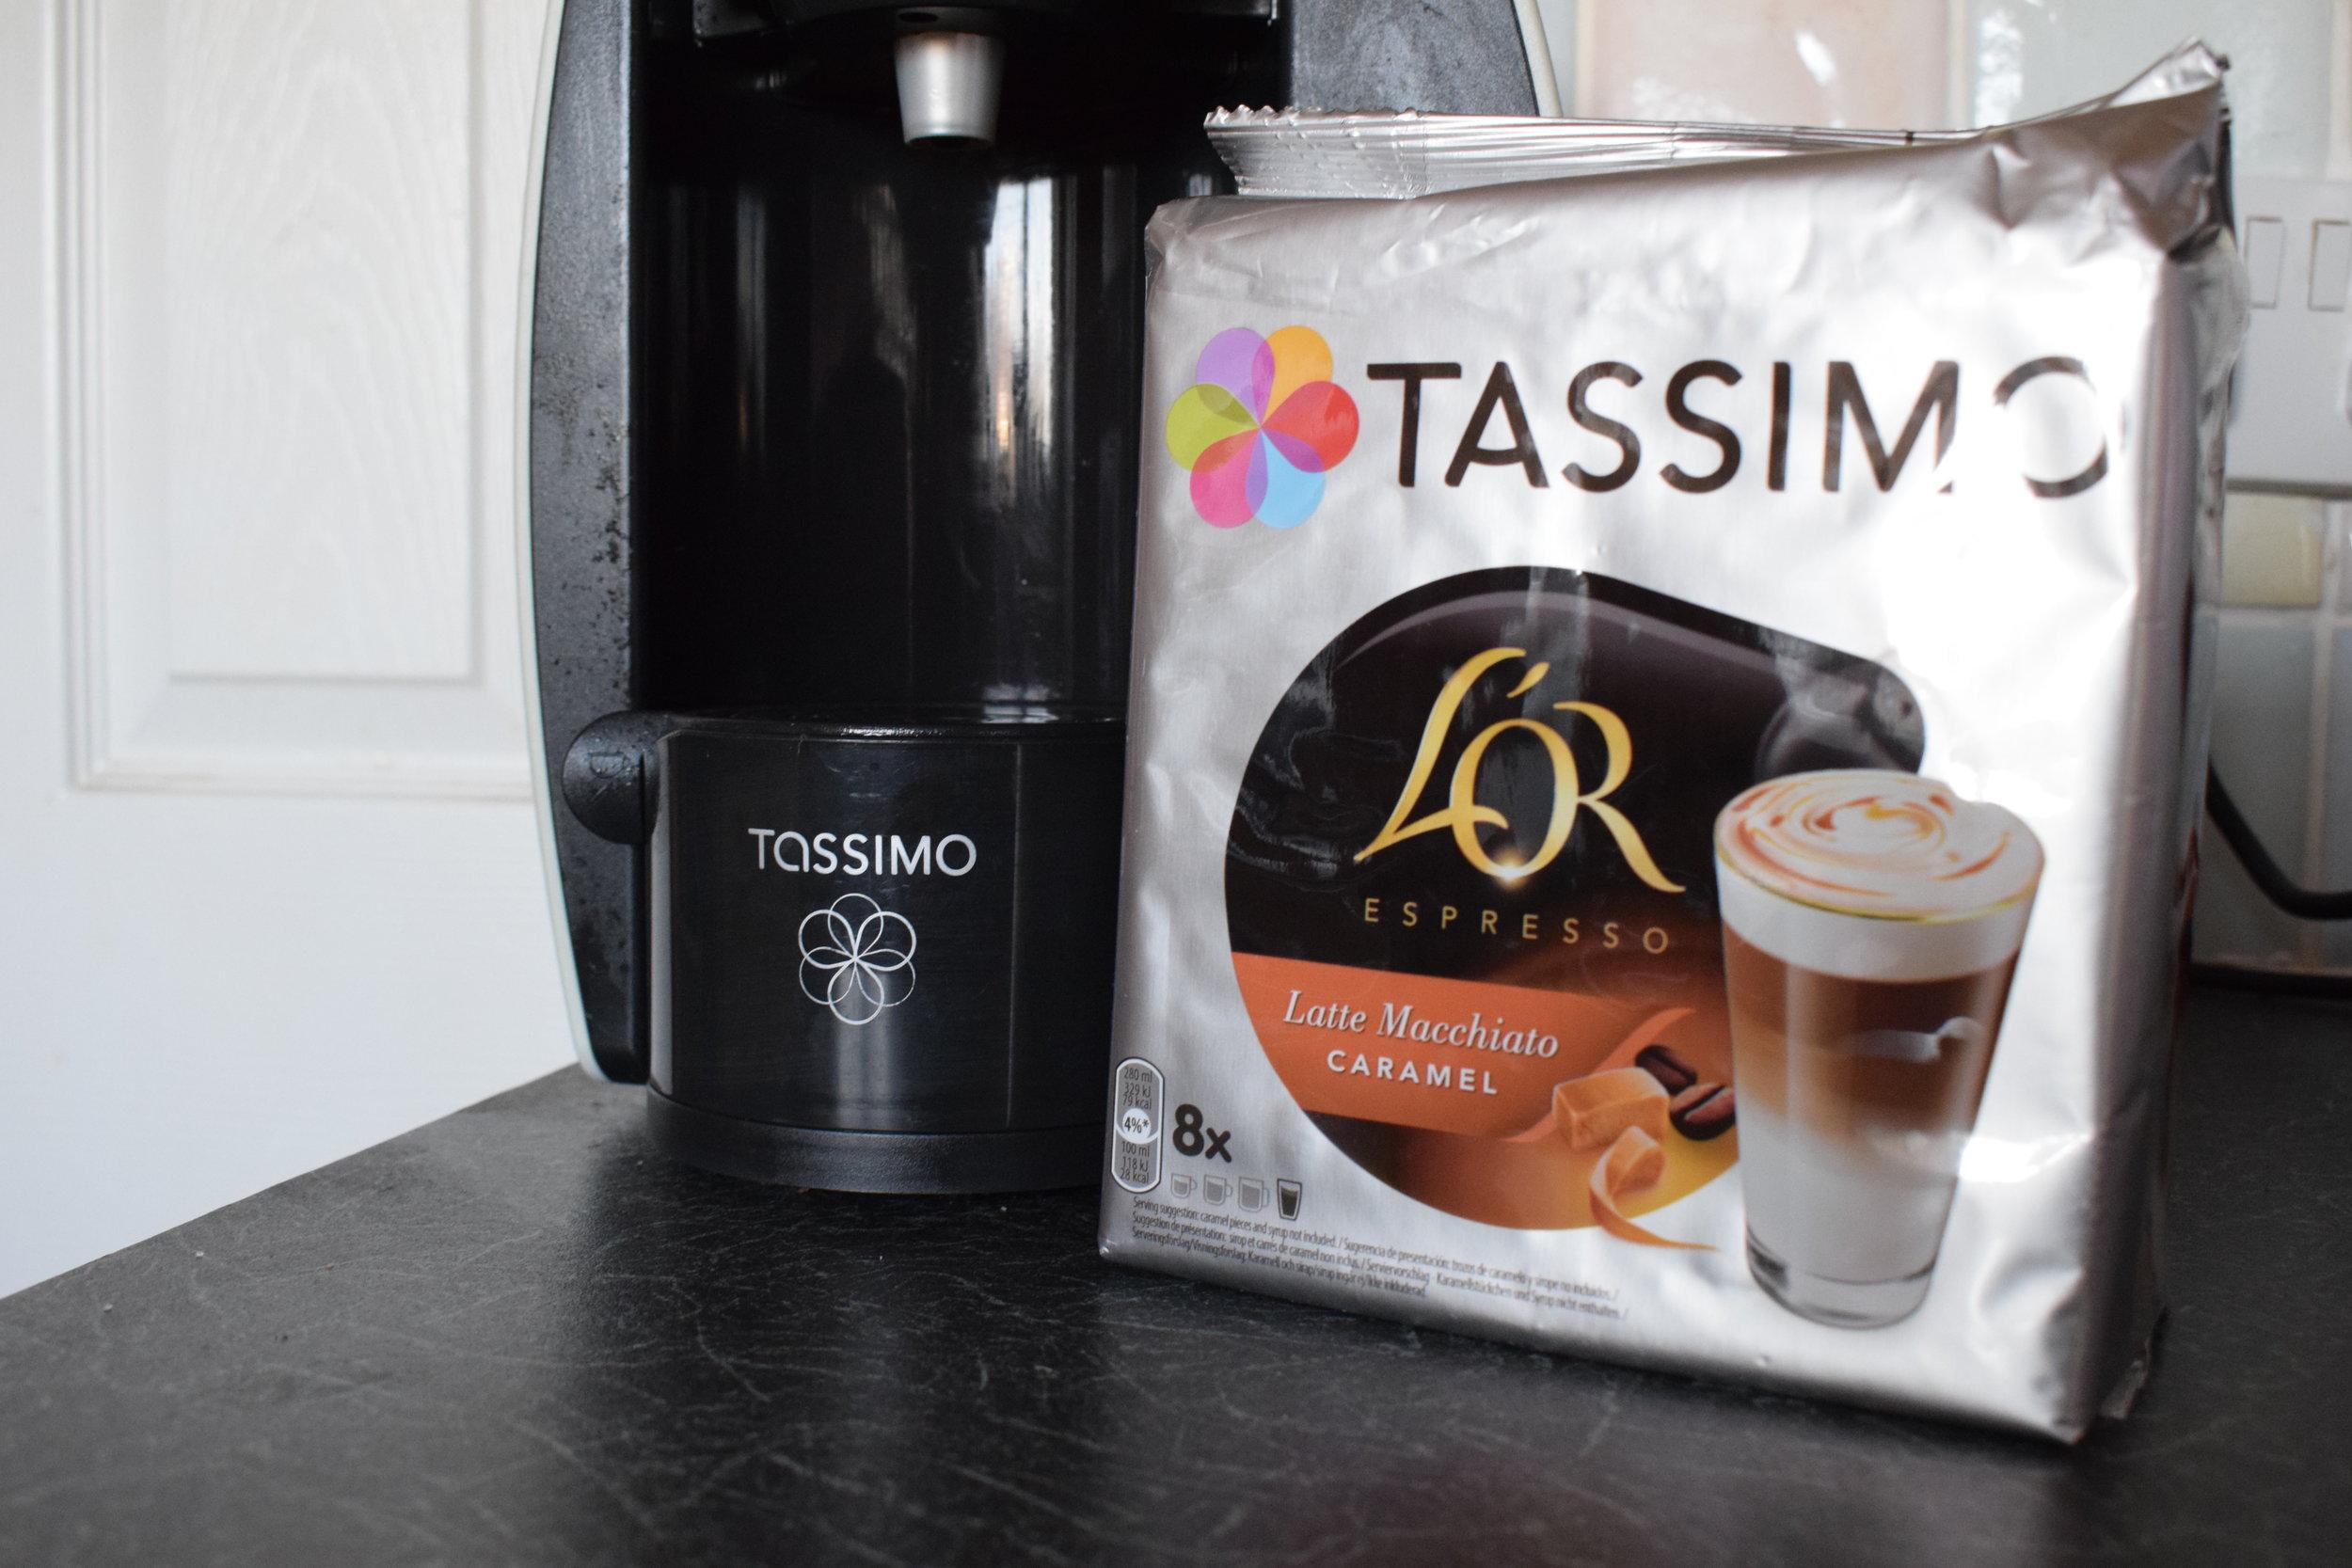 Tassimo L'or Espresso latte macchiato caramel